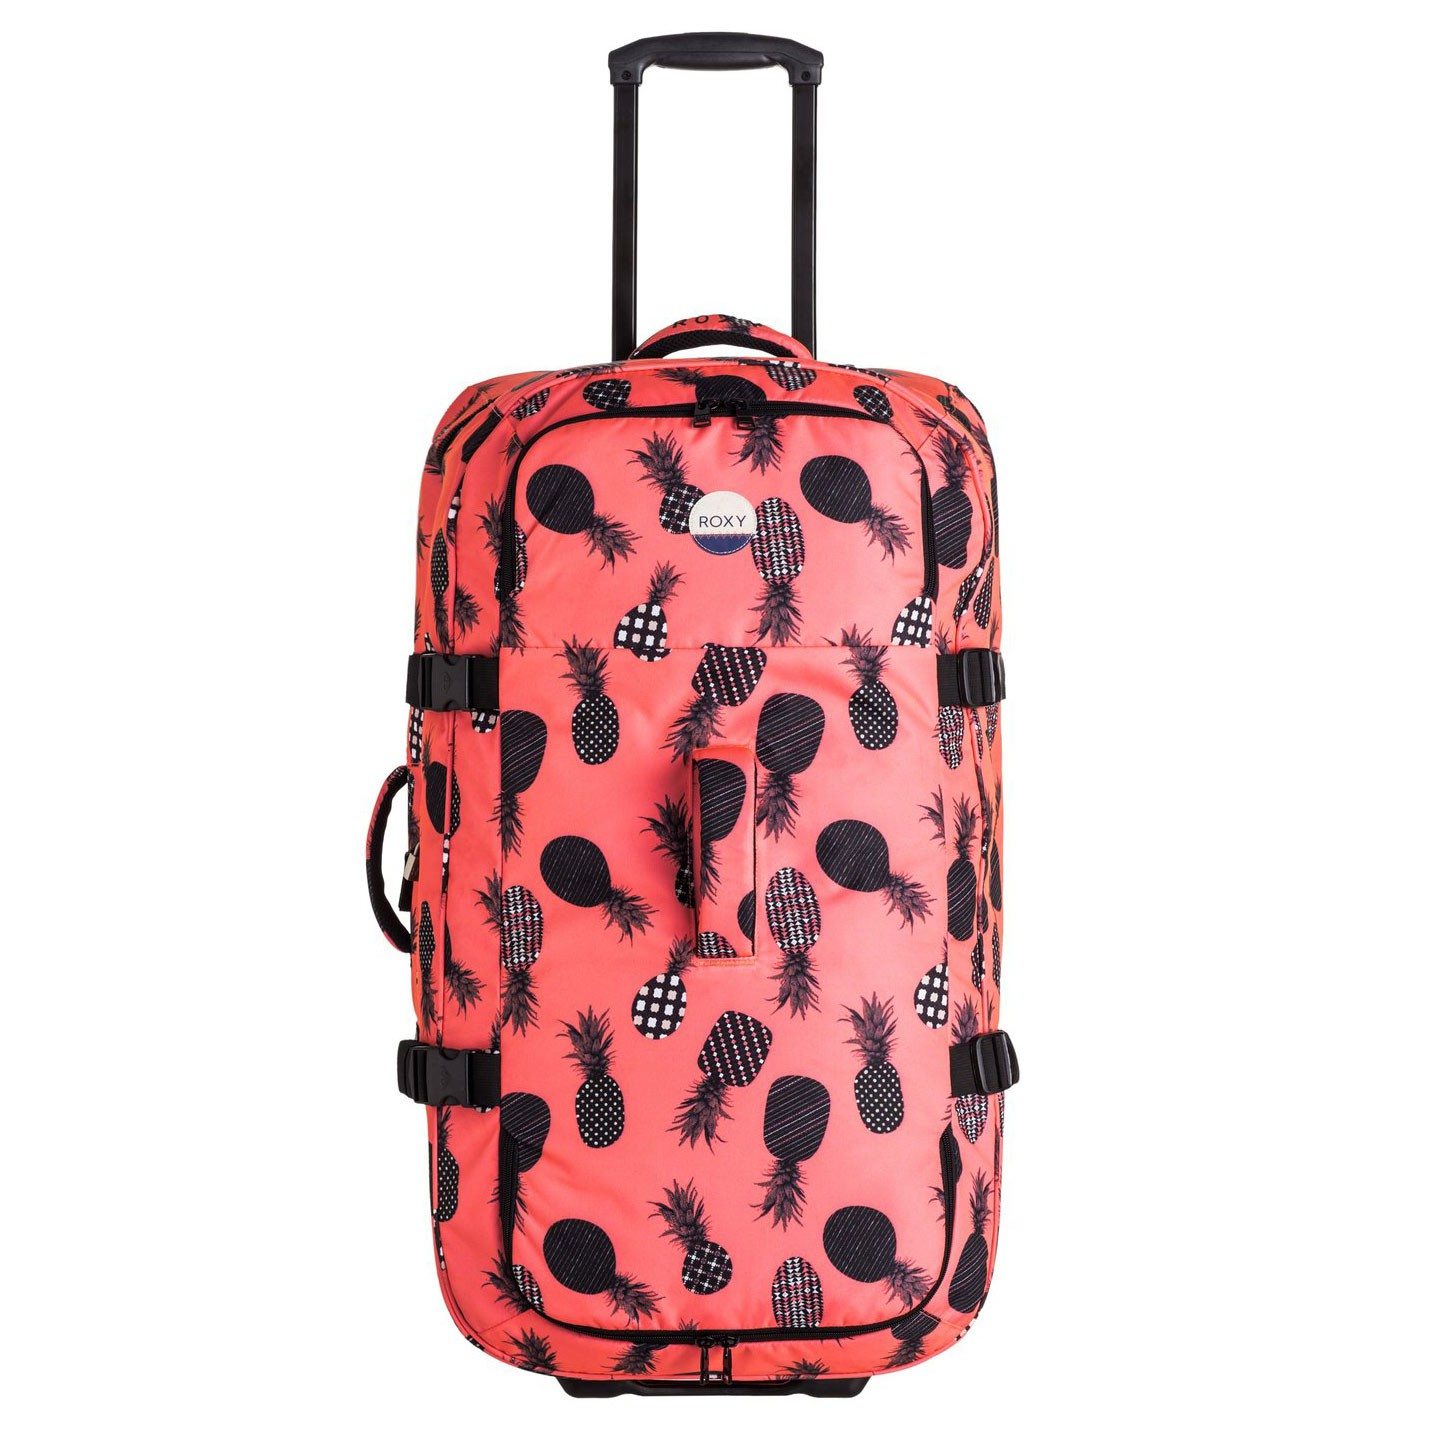 Cestovní taška Roxy Long Haul ax neon grapefruit pineapple dot vel.125L 78×37×42 cm 17 + doručení do 24 hodin